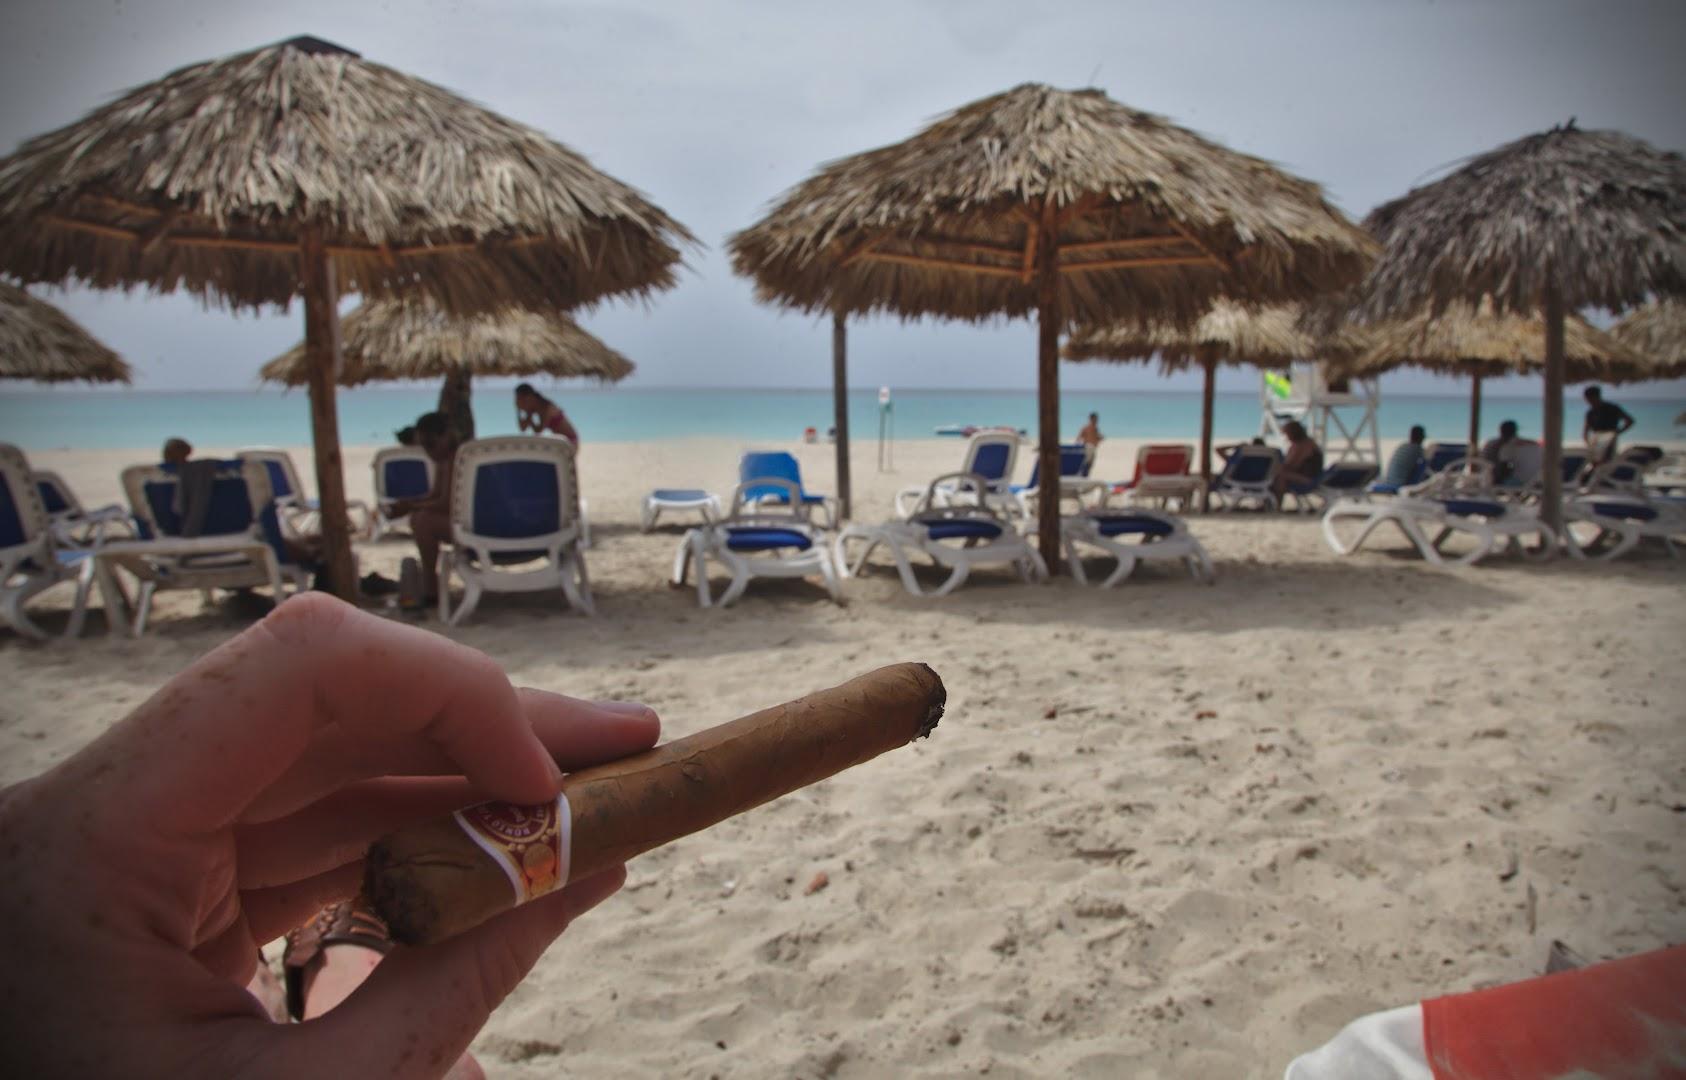 Tasting Monte Cristo cigar with mojito